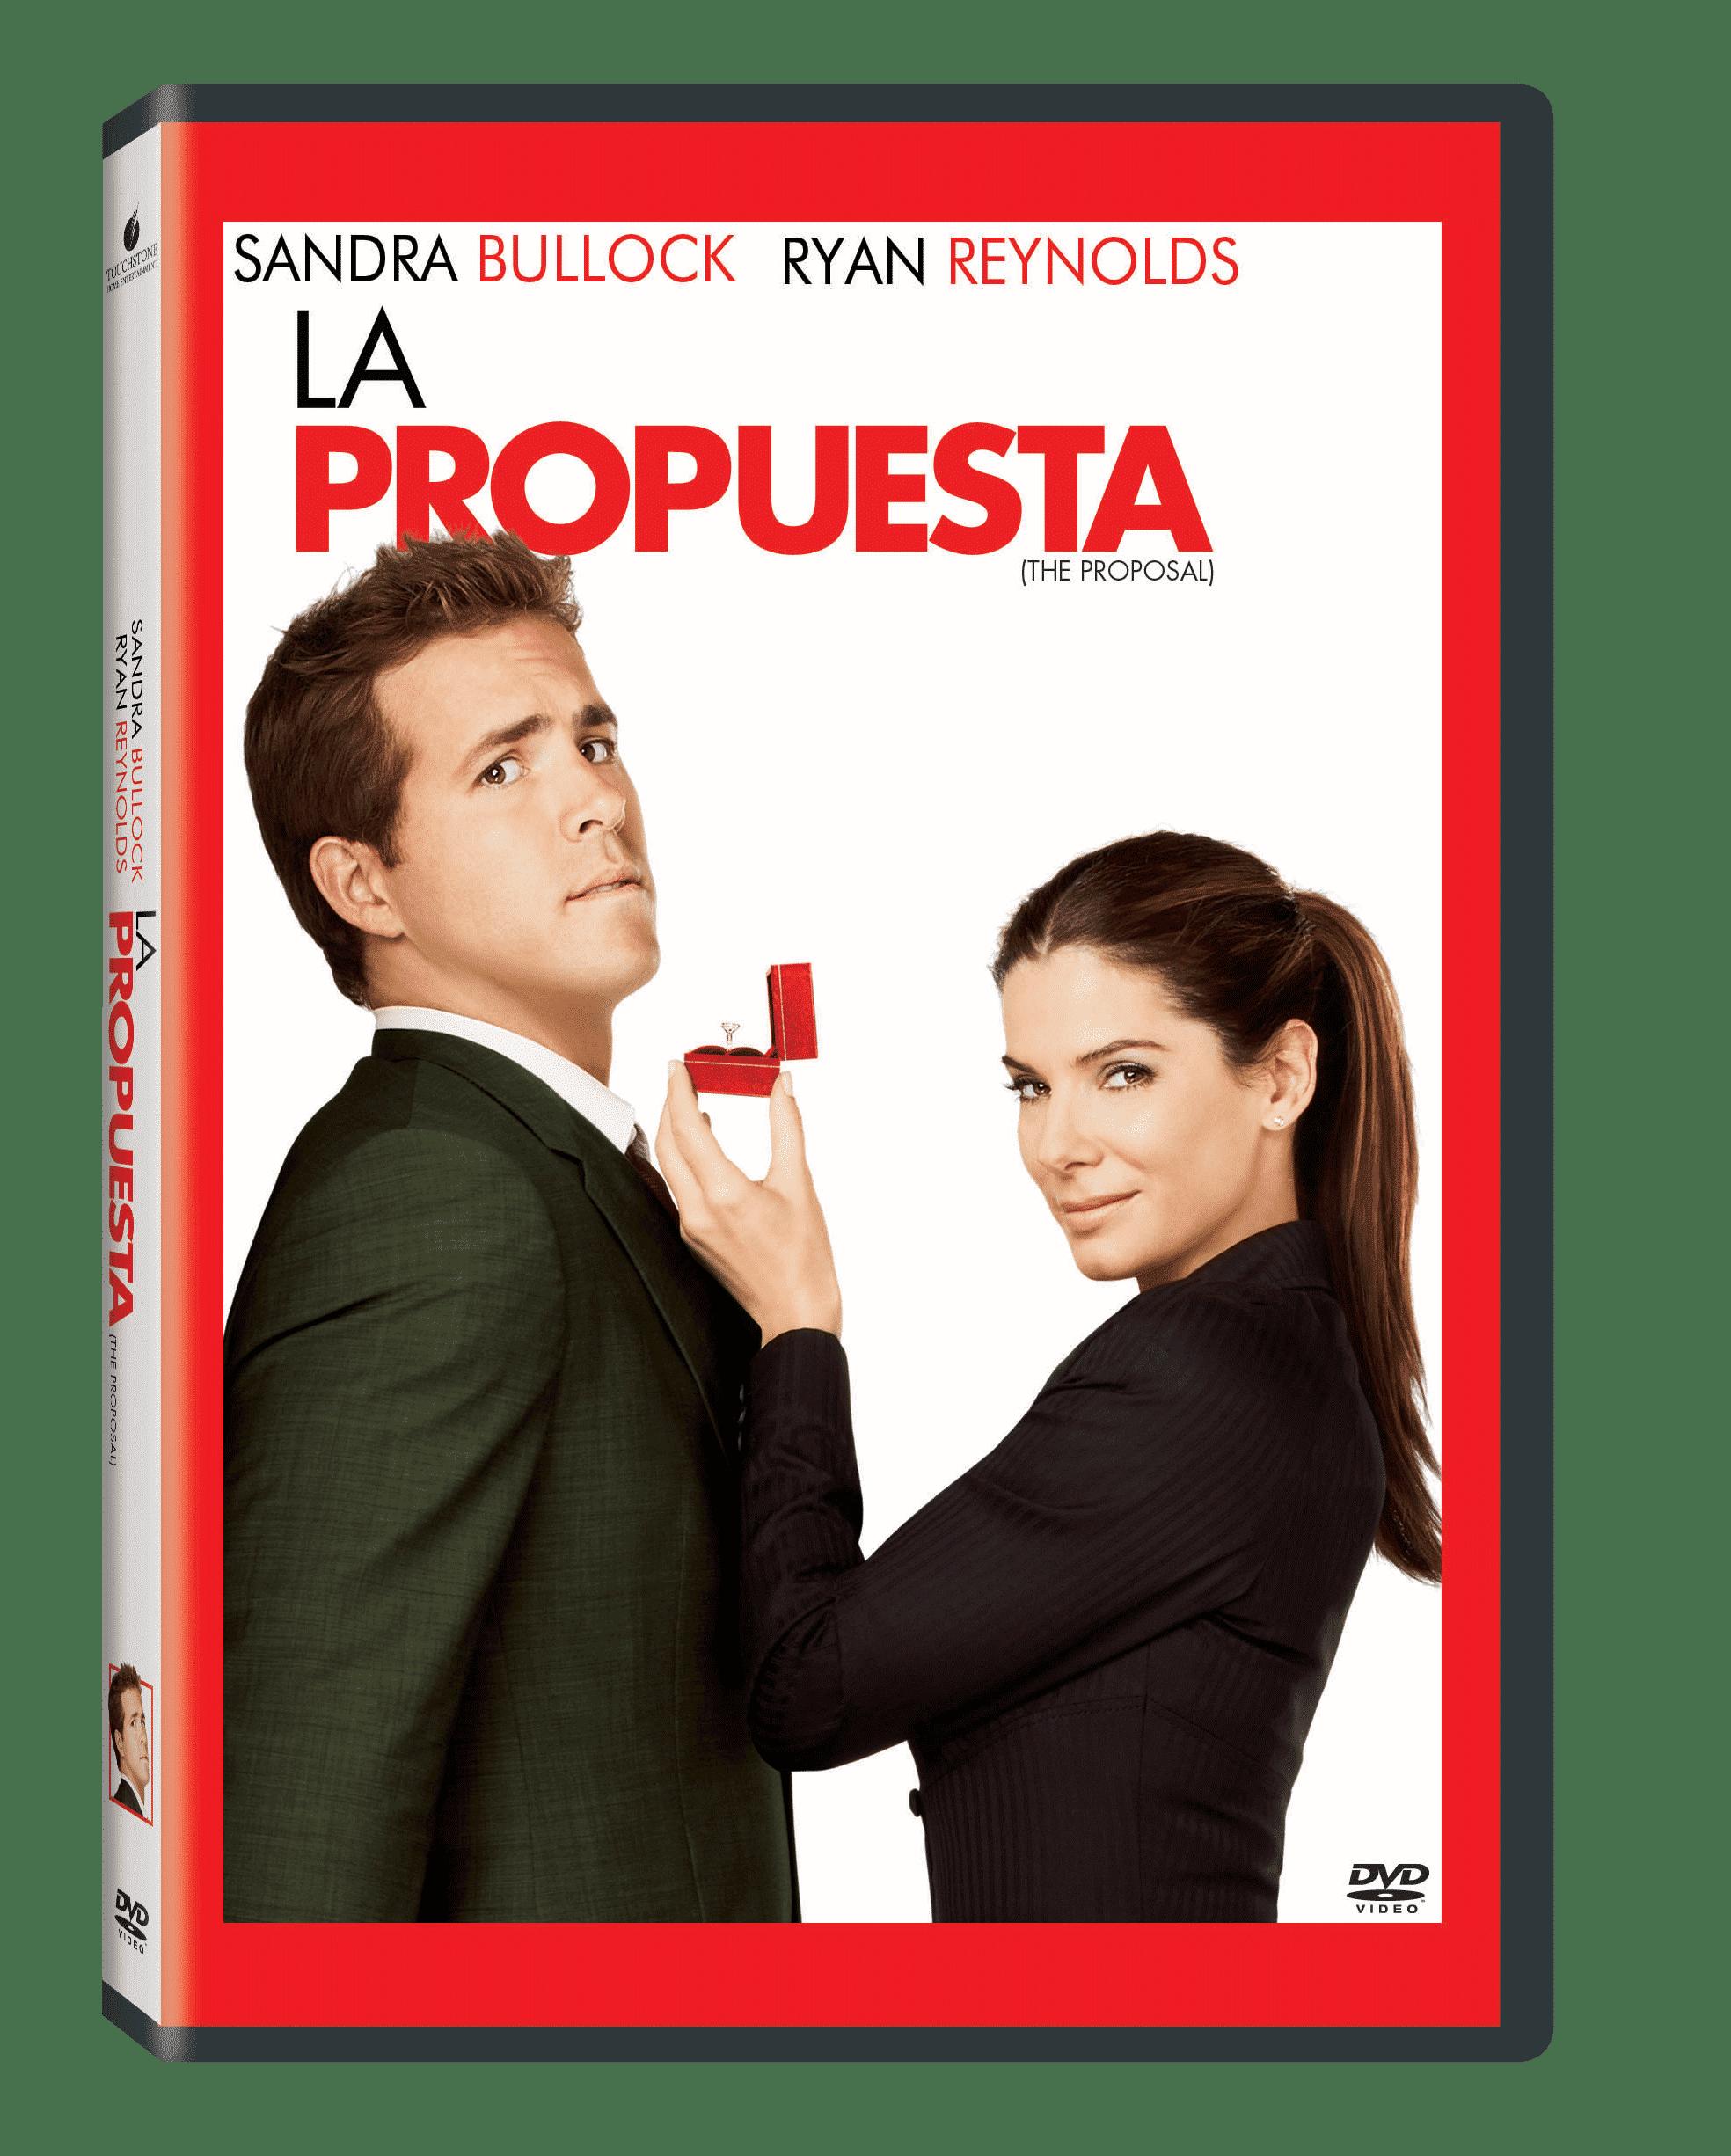 LaPropuesta_DVD